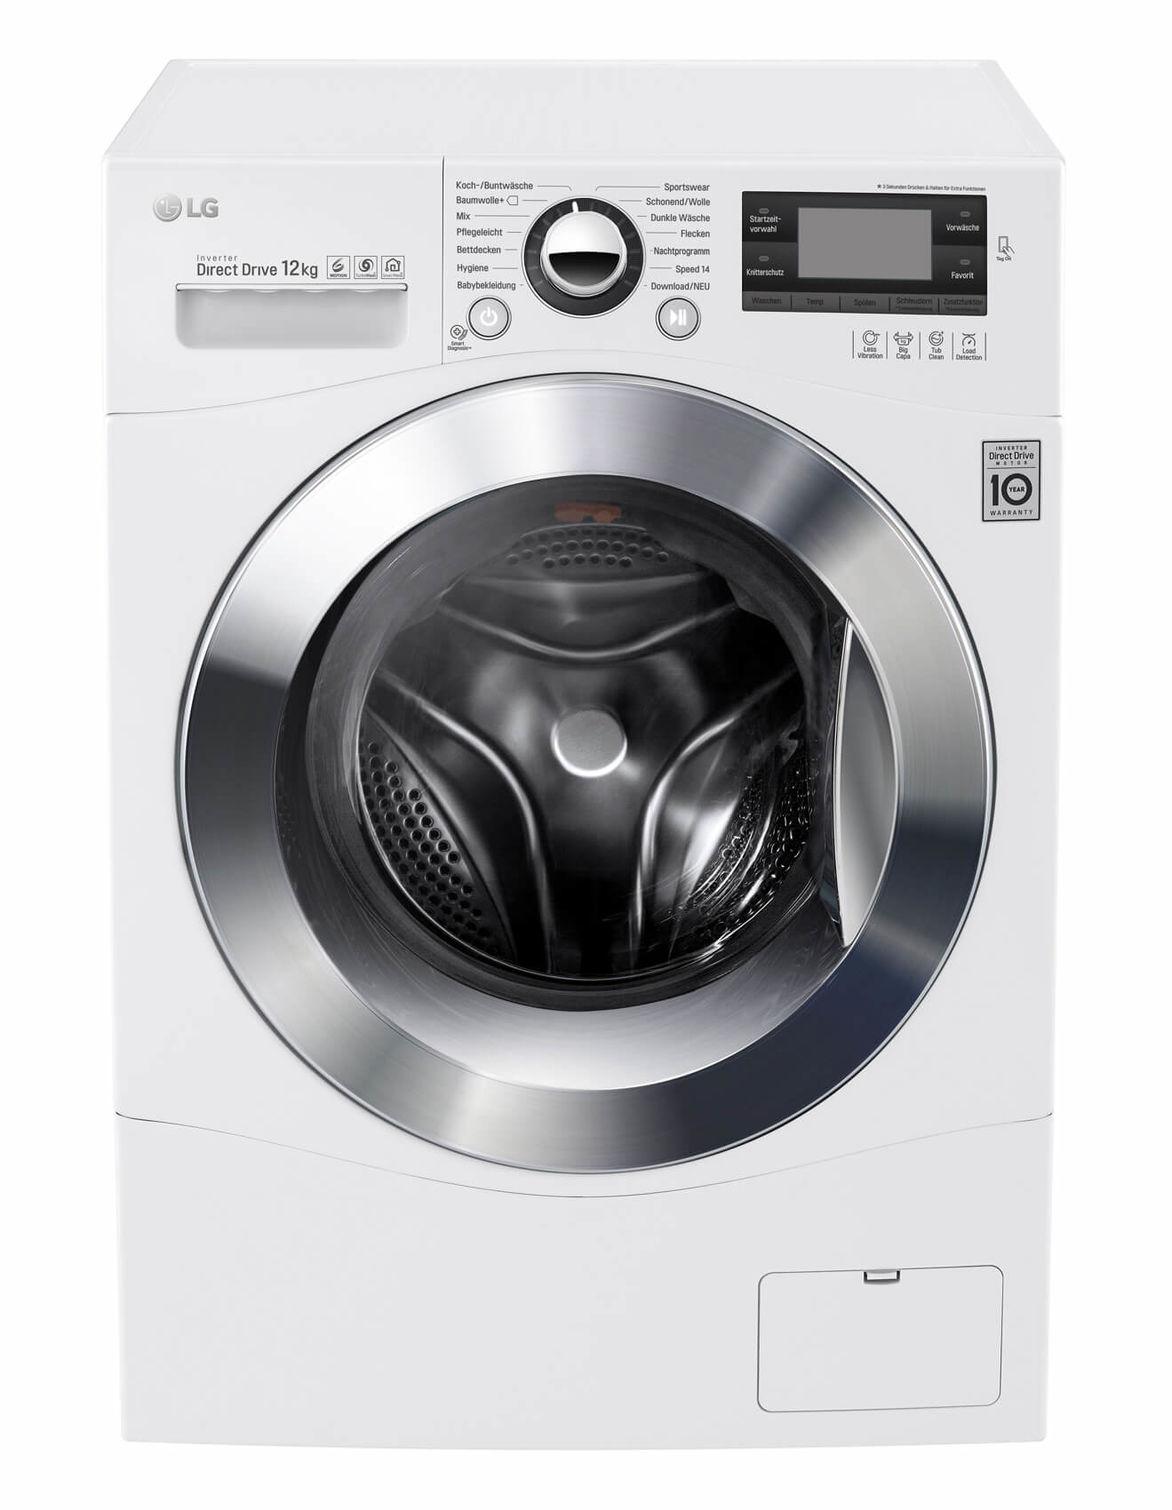 bettdecken in waschmaschine waschen ikea schlafzimmer komode gestalten quelle m bel mit. Black Bedroom Furniture Sets. Home Design Ideas